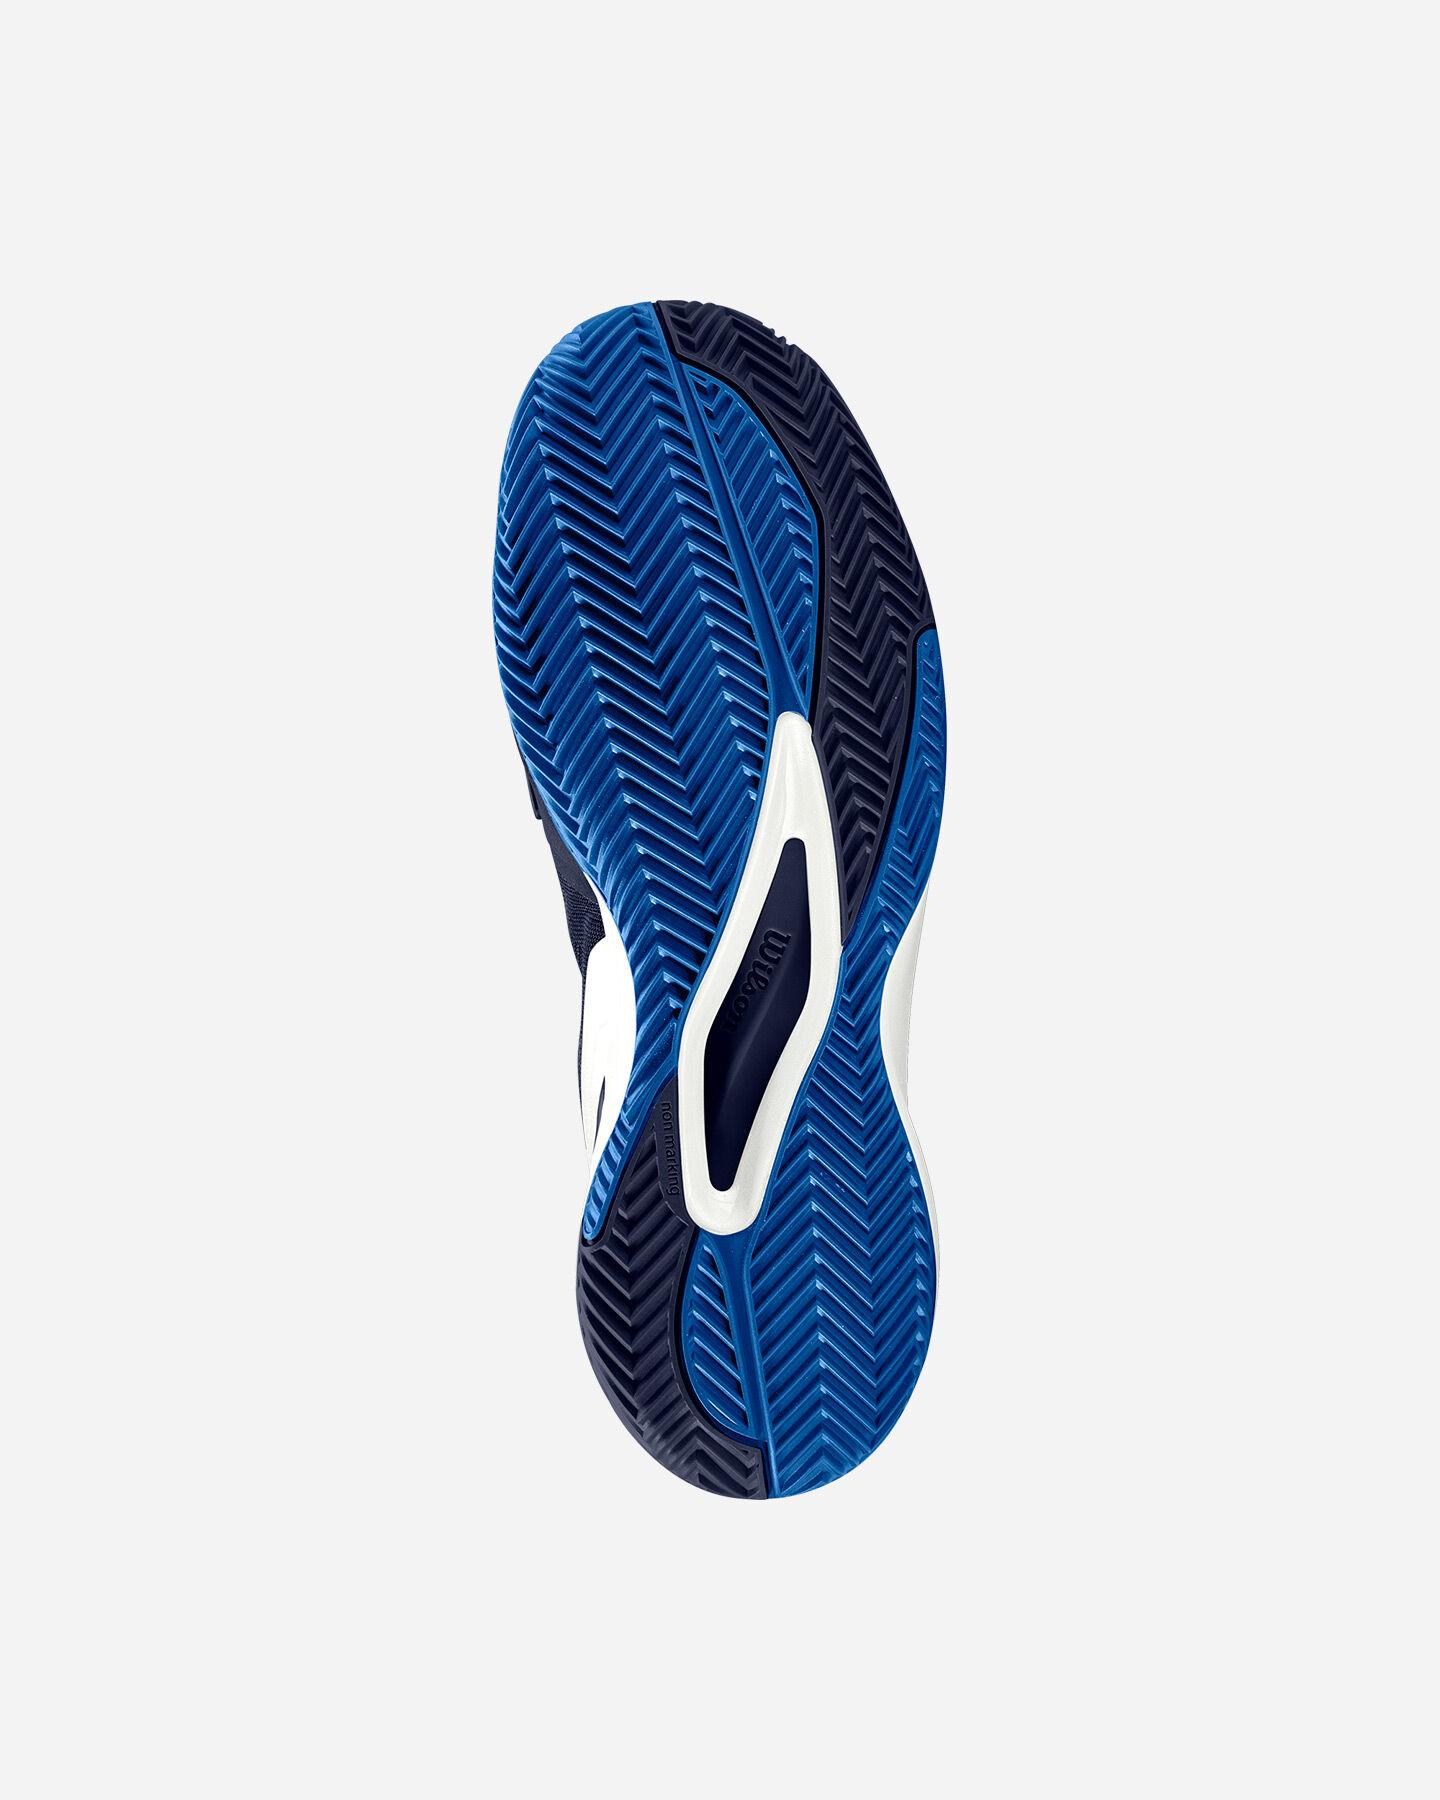 Scarpe tennis WILSON RUSH PRO 3.0 CLAY M S5174289 scatto 2